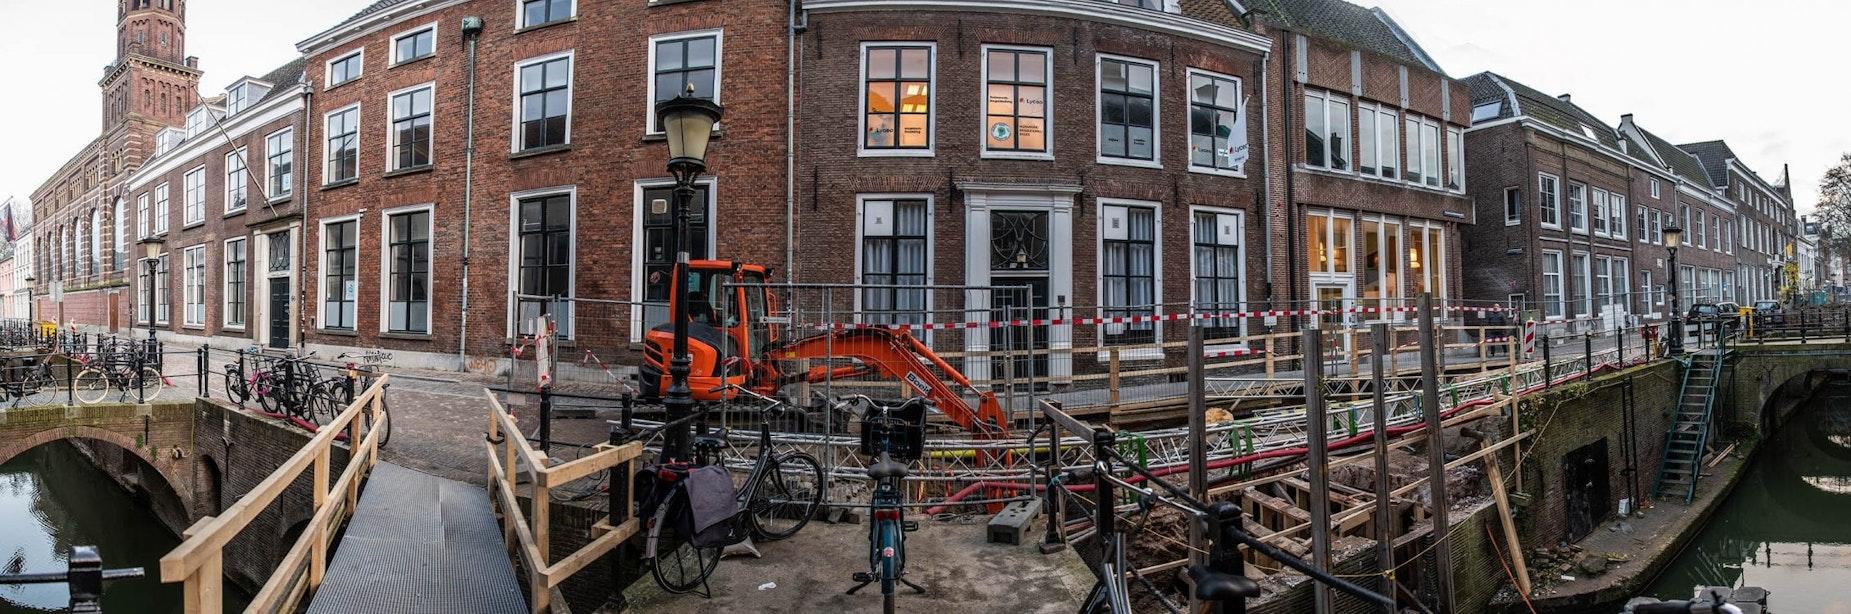 Nieuwegracht en Kromme Nieuwegracht gaan weer open na herstelwerkzaamheden